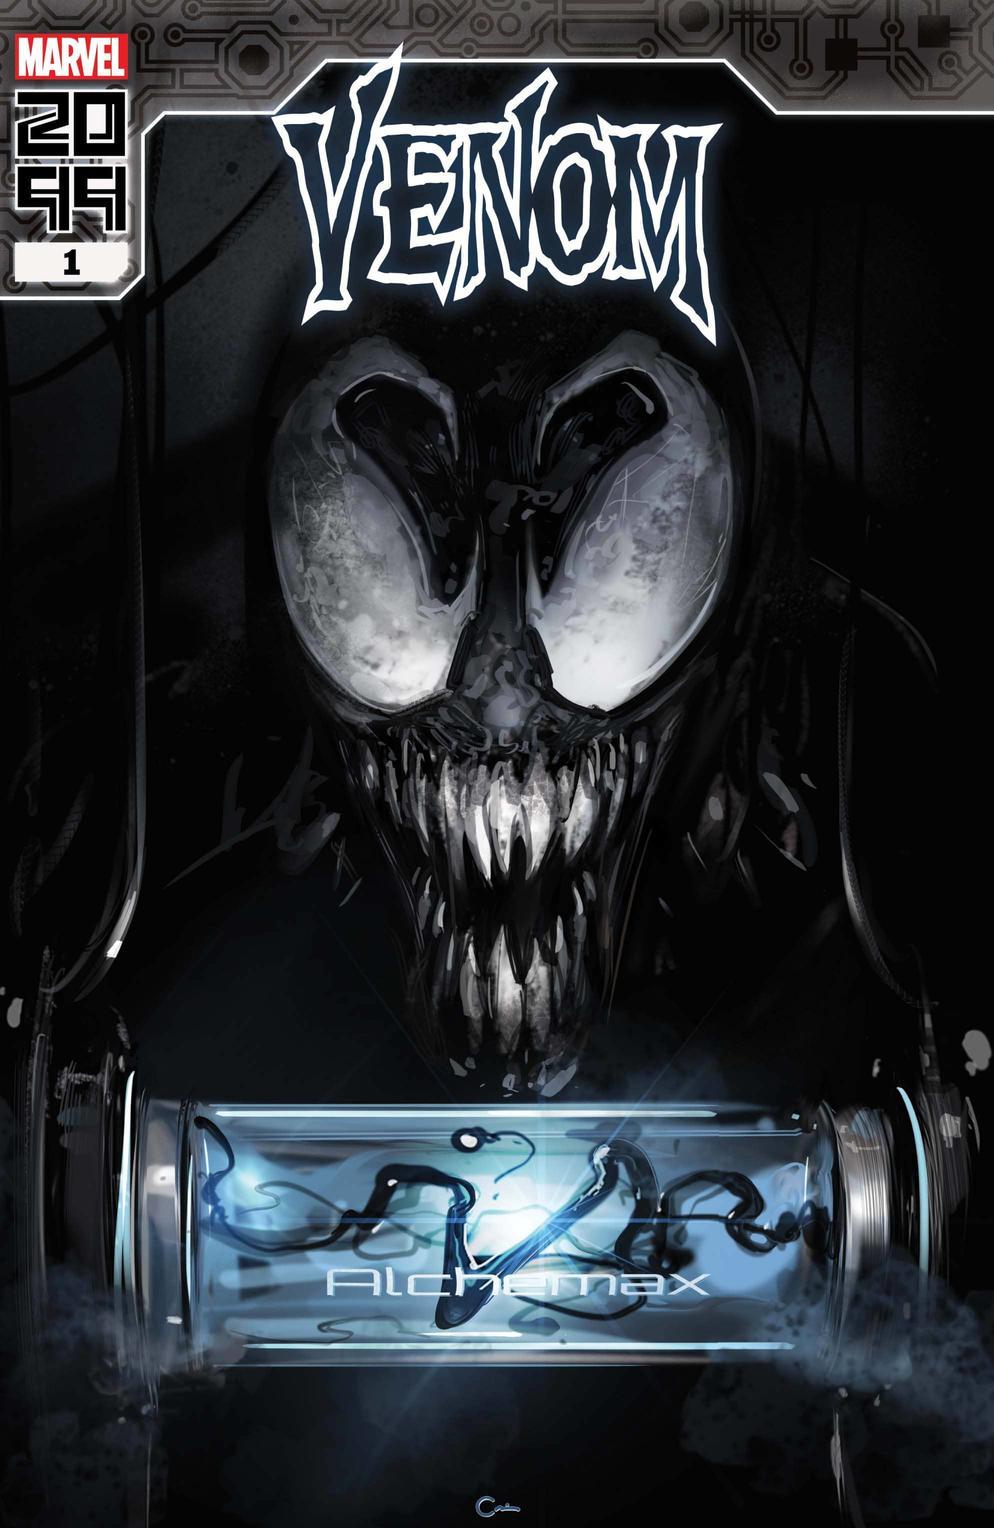 Venom 2099 #1, copertina di Clayton Crain